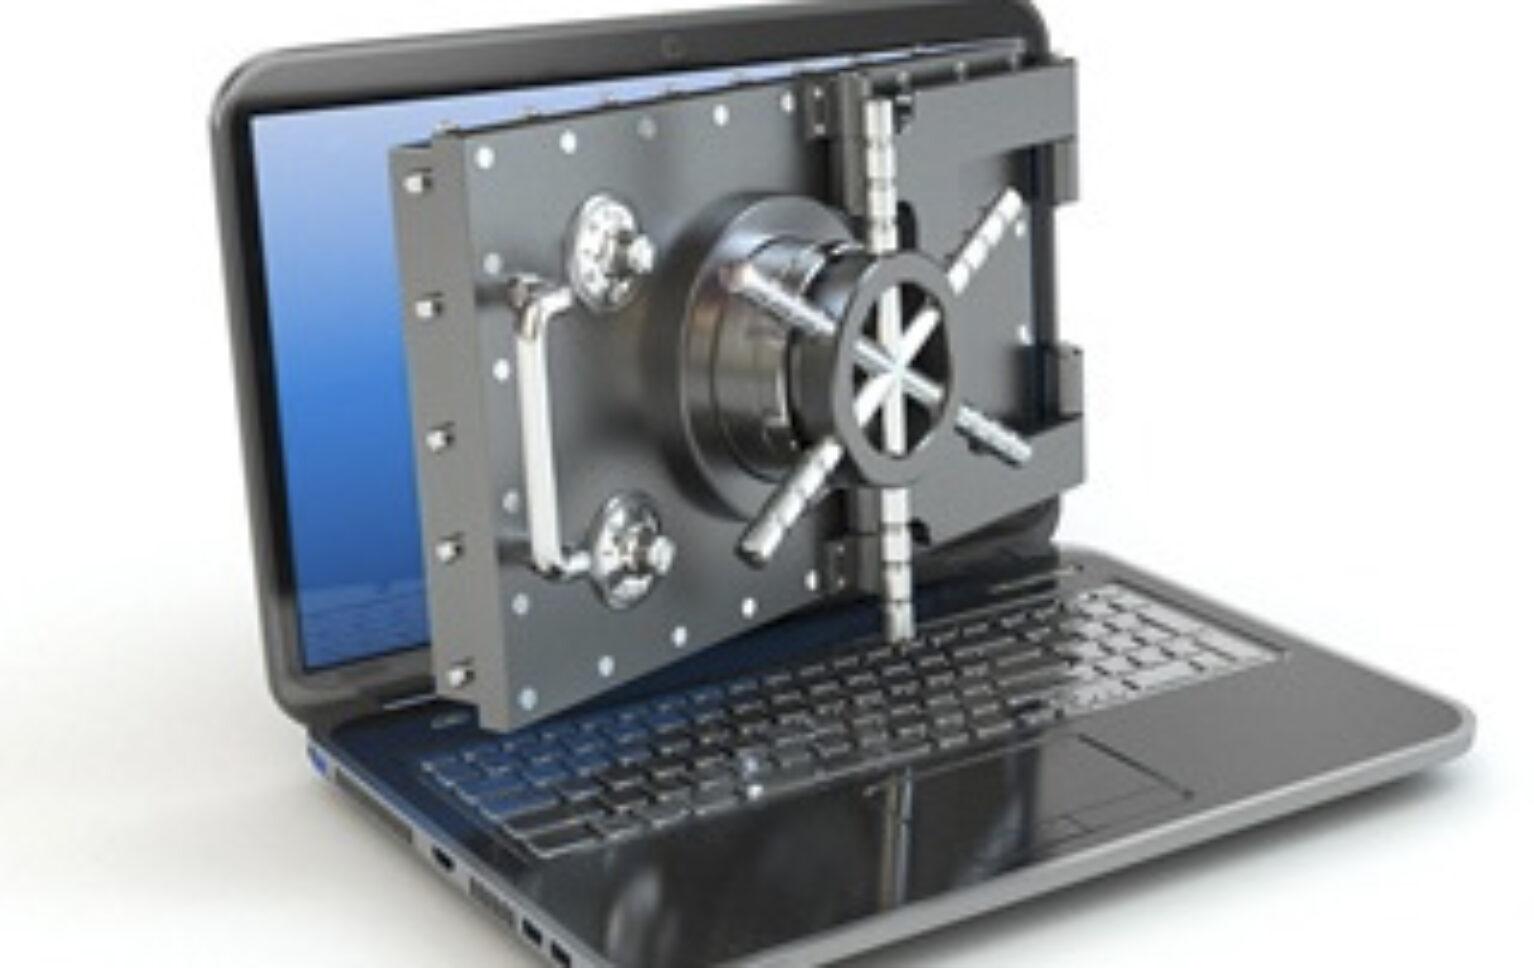 Seguridad activa y pasiva informática: Protégete en 2017